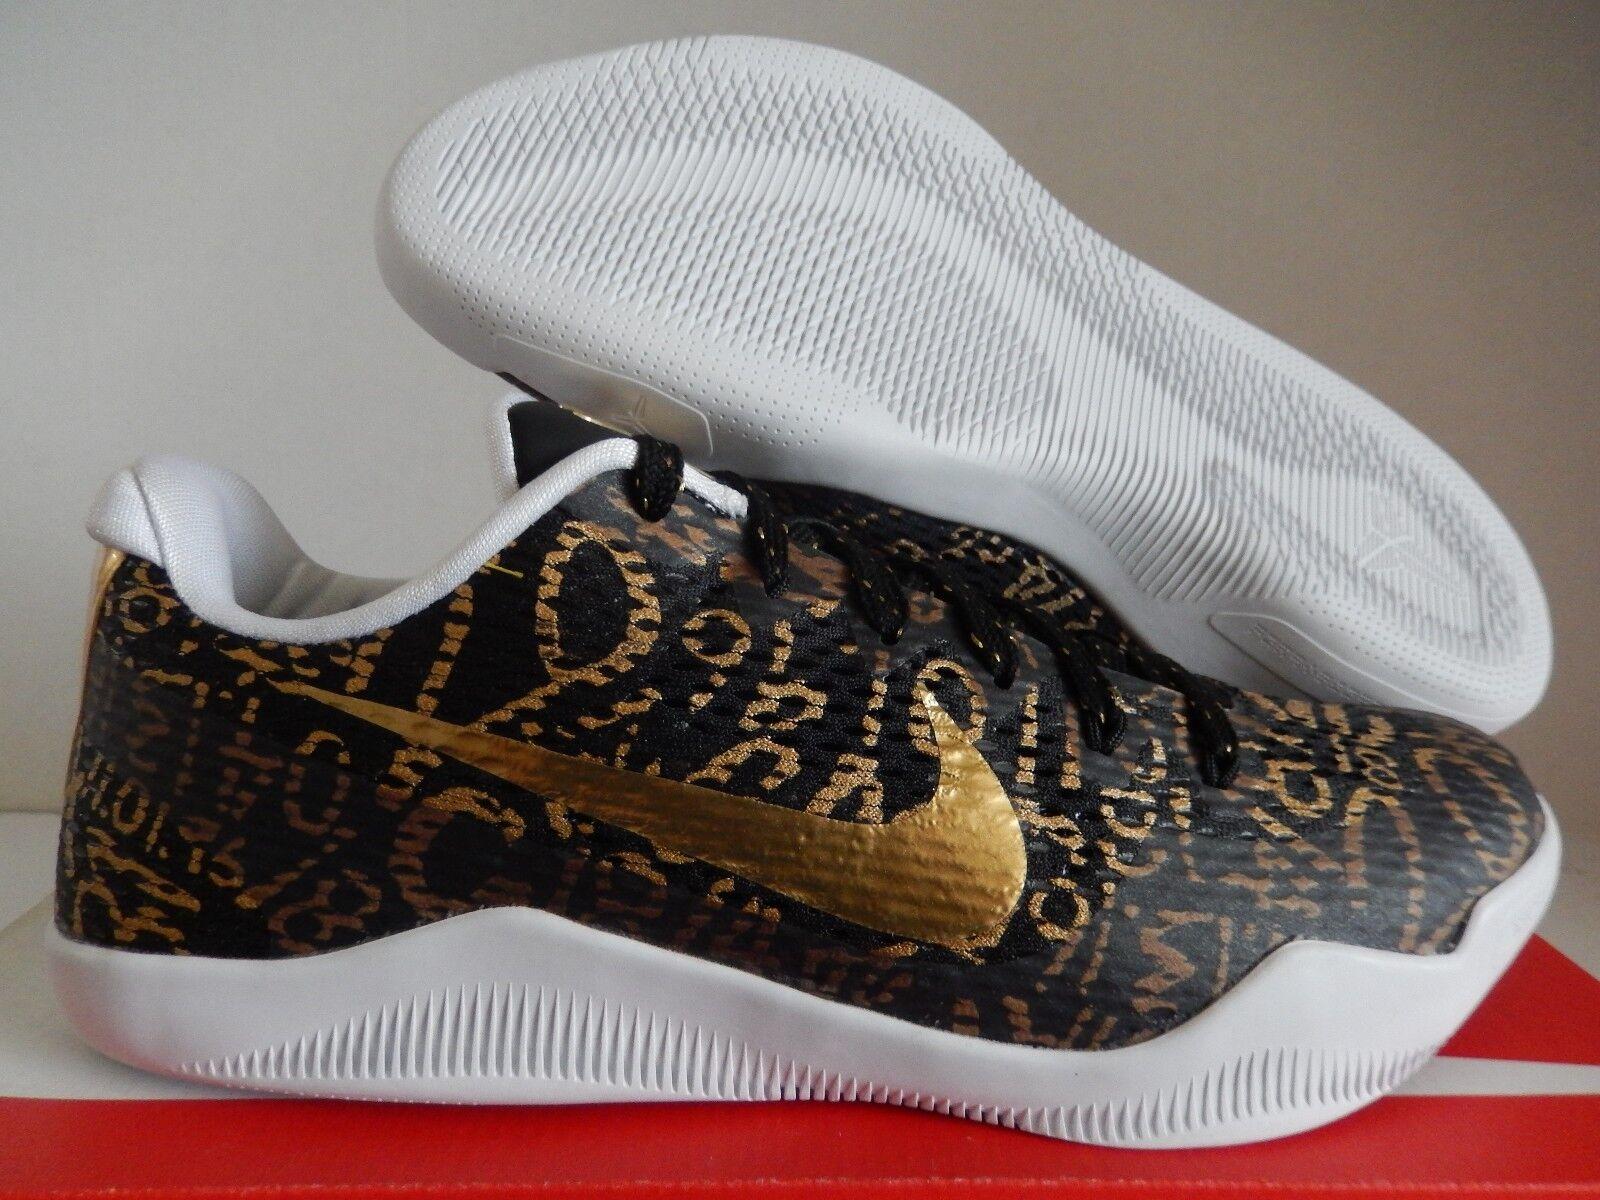 buy online 3f1bd 87dc5 Nike Kobe XI 11 id Mamba Negro-Oro-Blanco reducción de precios precios  precios